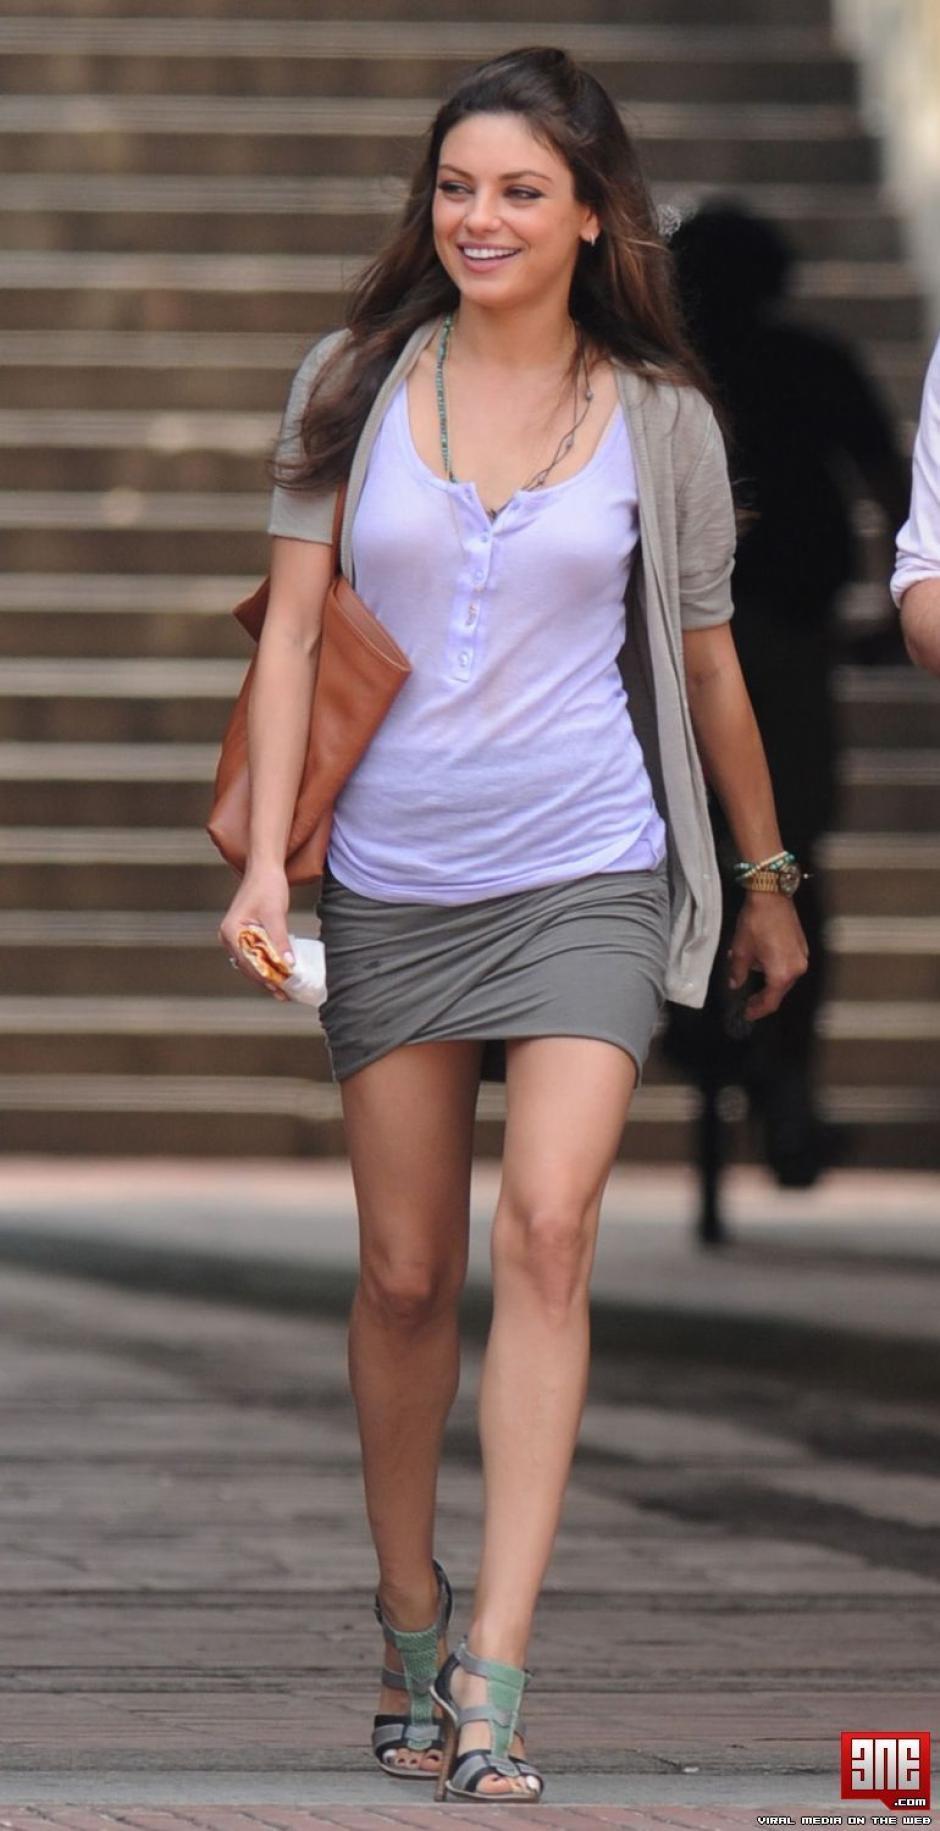 Desde 2012 mantiene una relación con el actor Ashton Kutcher. (Foto: apnatimepass.com)